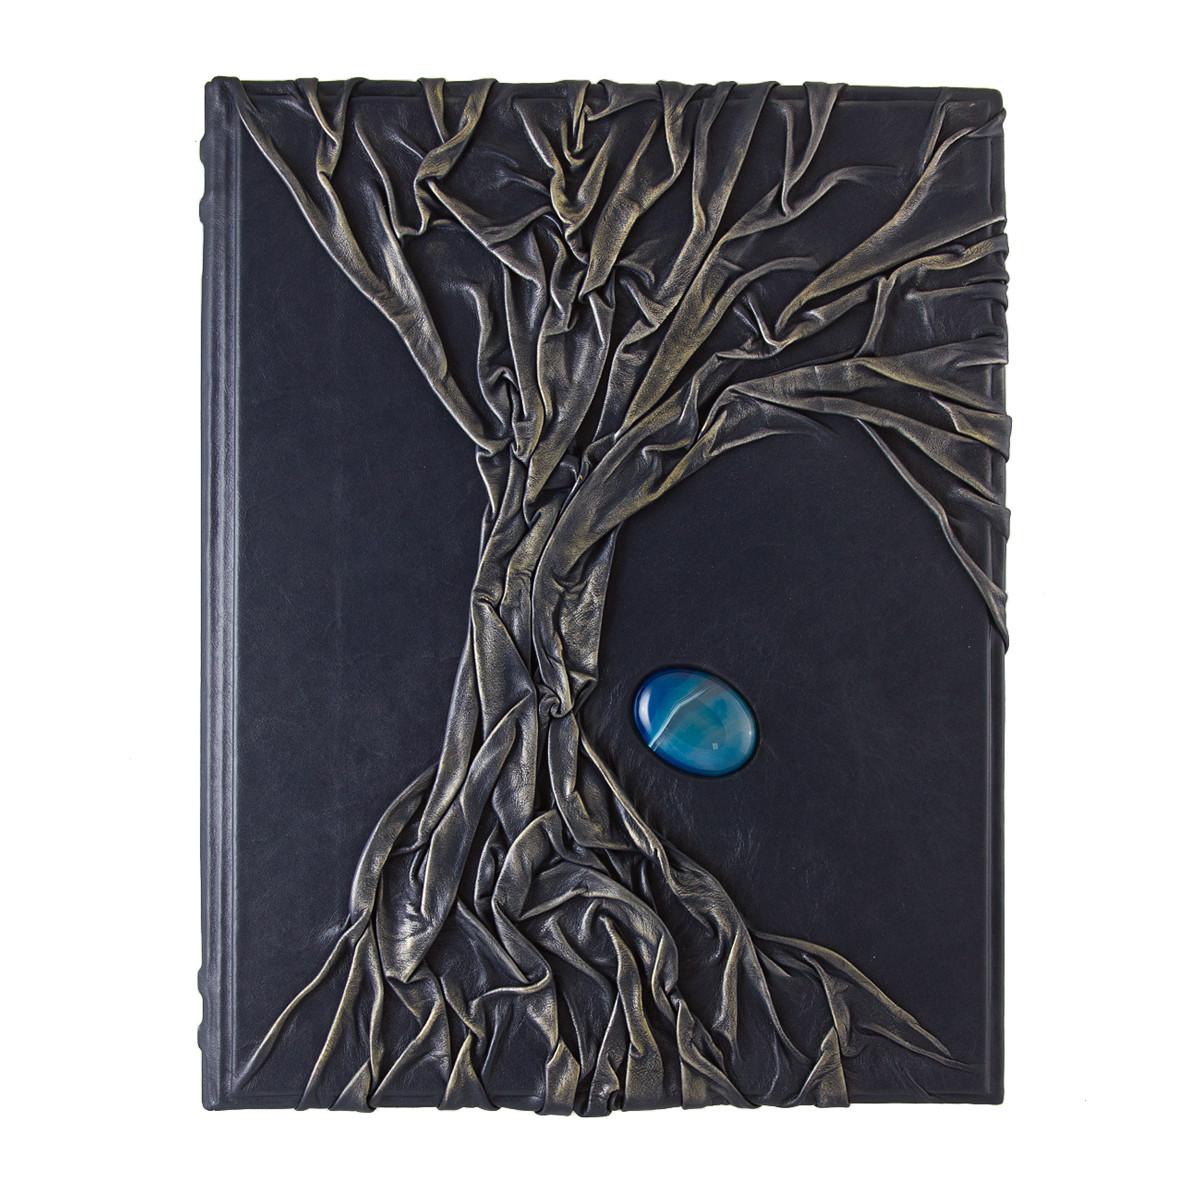 Родословная книга в кожаном переплете синего цвета инкрустирована яшмой